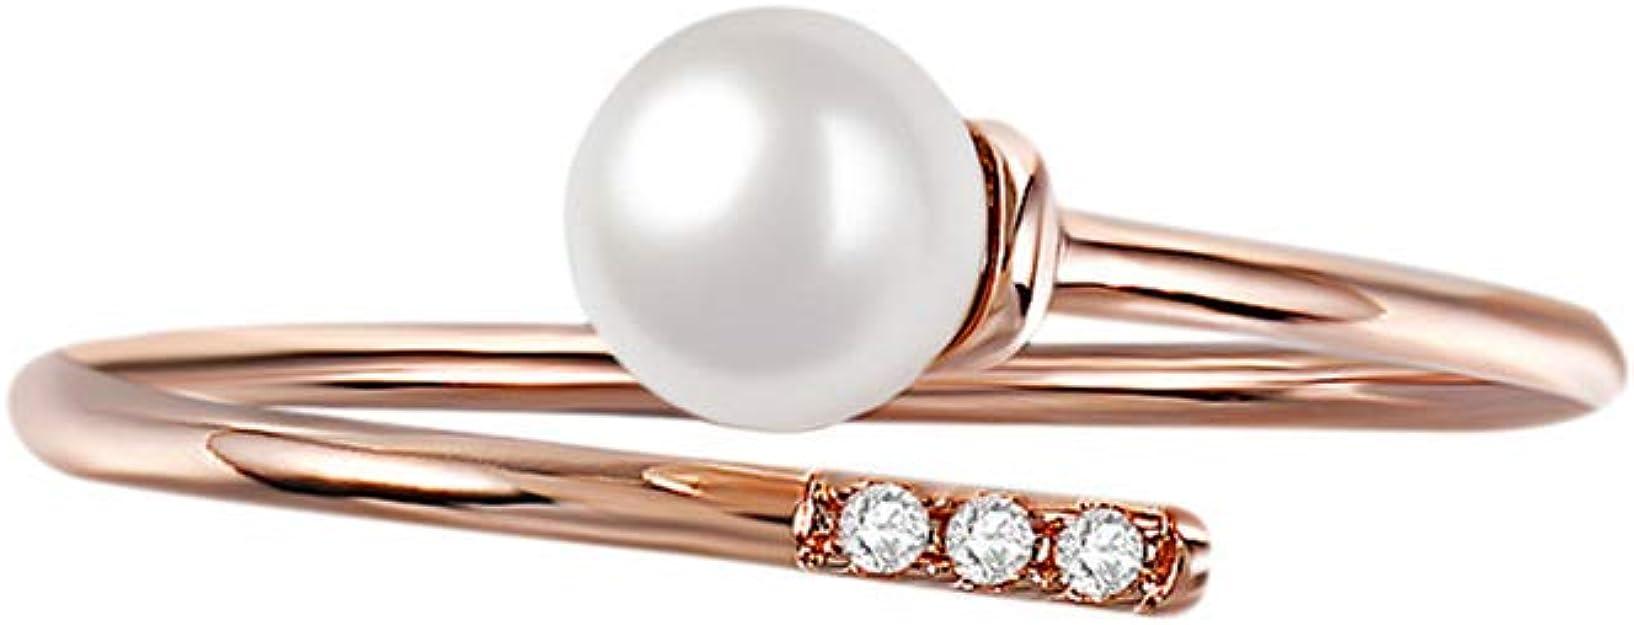 WSTJY - Abalorio para mujer, tamaño ajustable, chapado en oro rosa, perlas blancas de imitación, anillos abiertos con cristal brillante: Amazon.es: Joyería